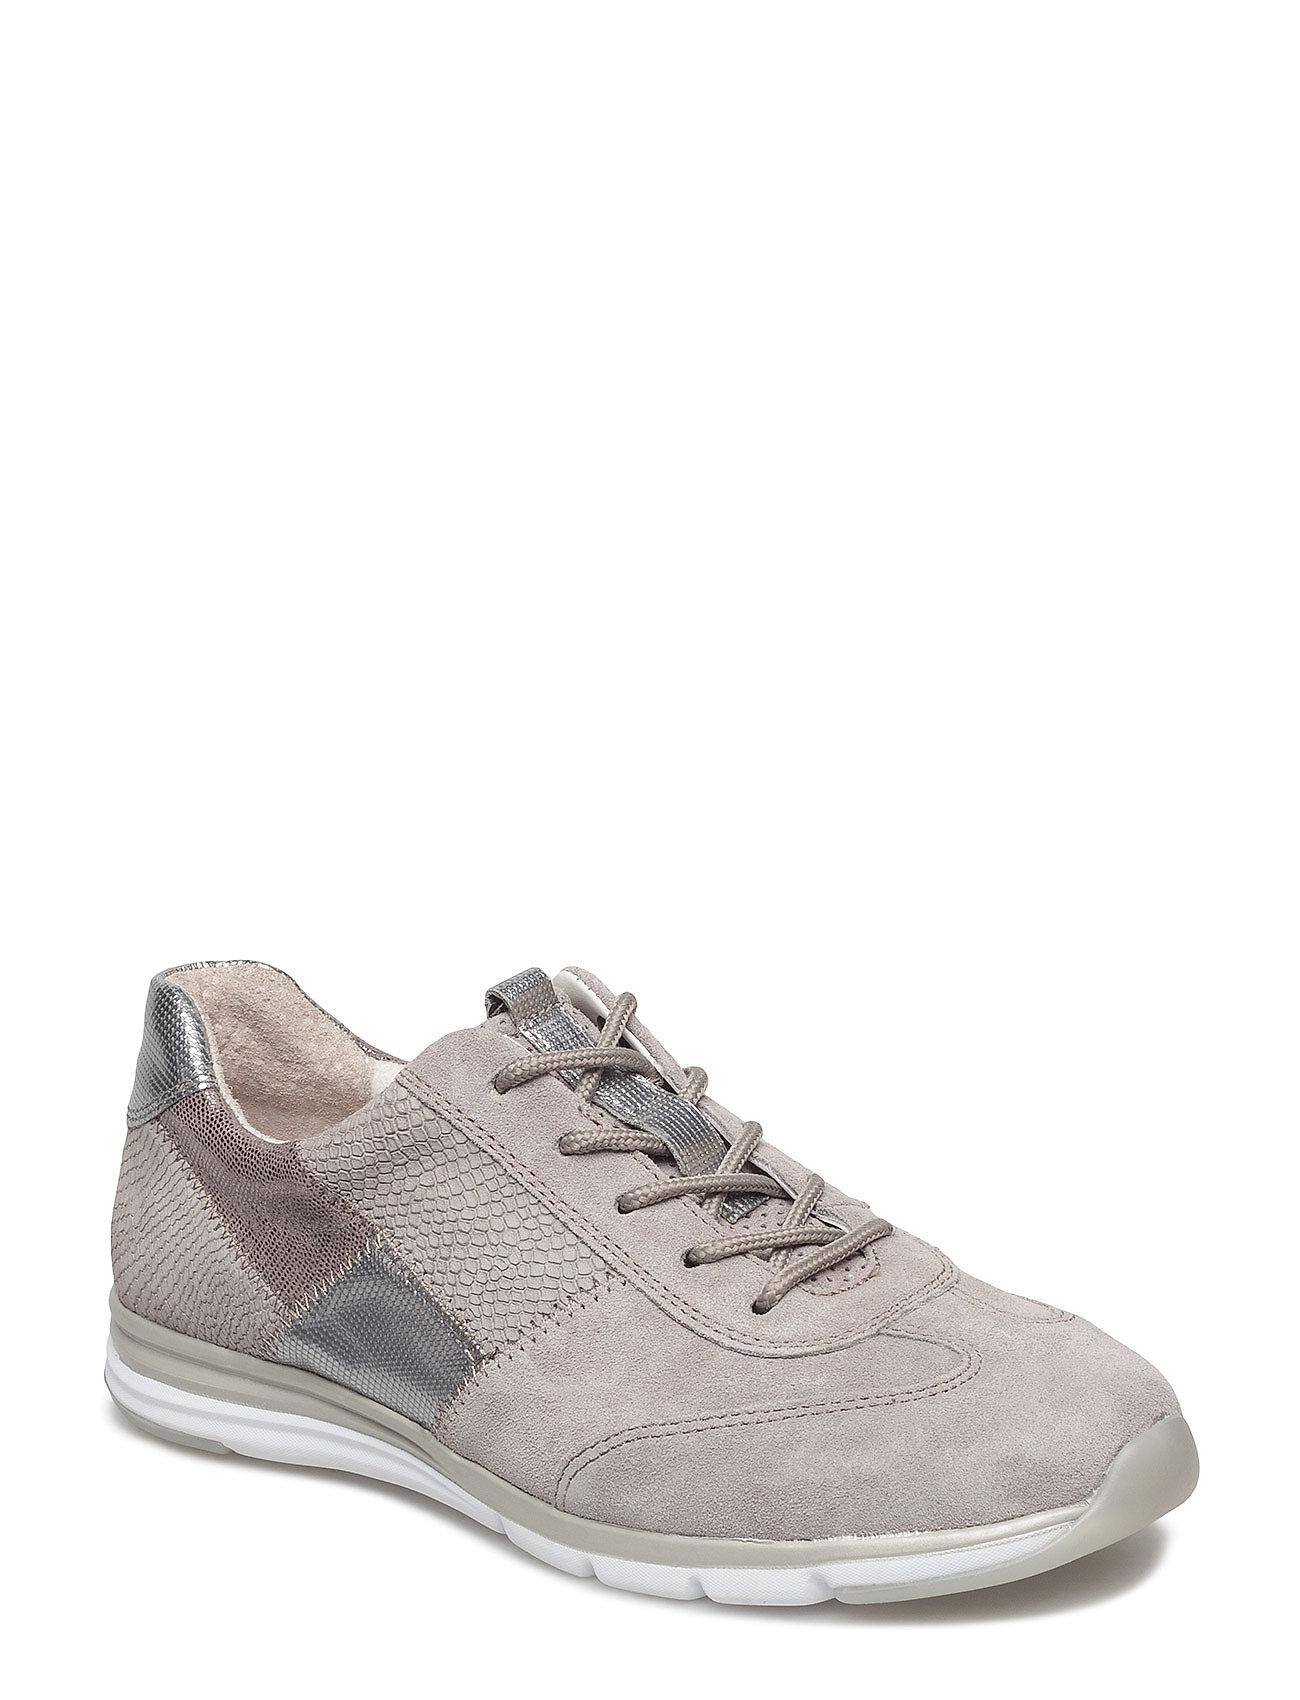 62fe02839 Rieker Sneakers, (Grå)   Dame sneakers   ShoeShop